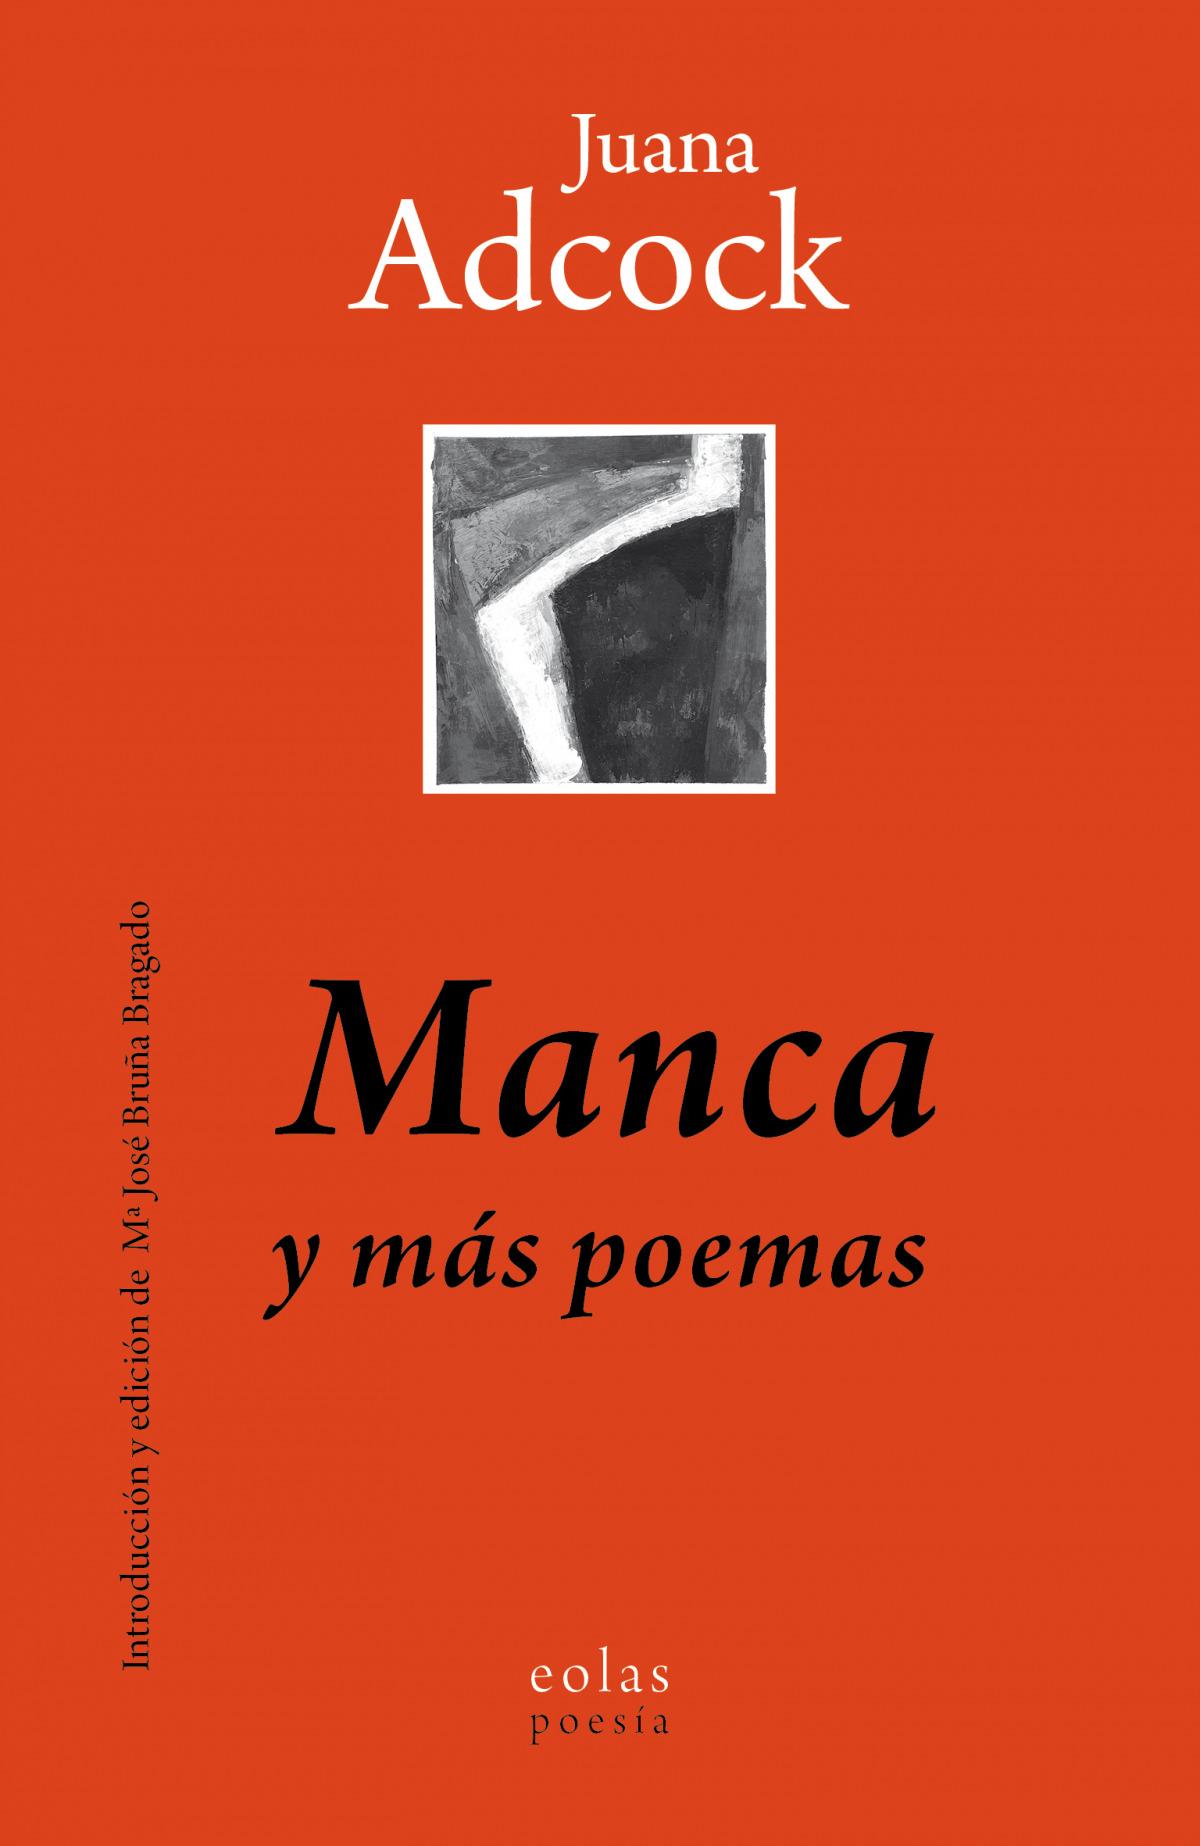 Manca y más poemas